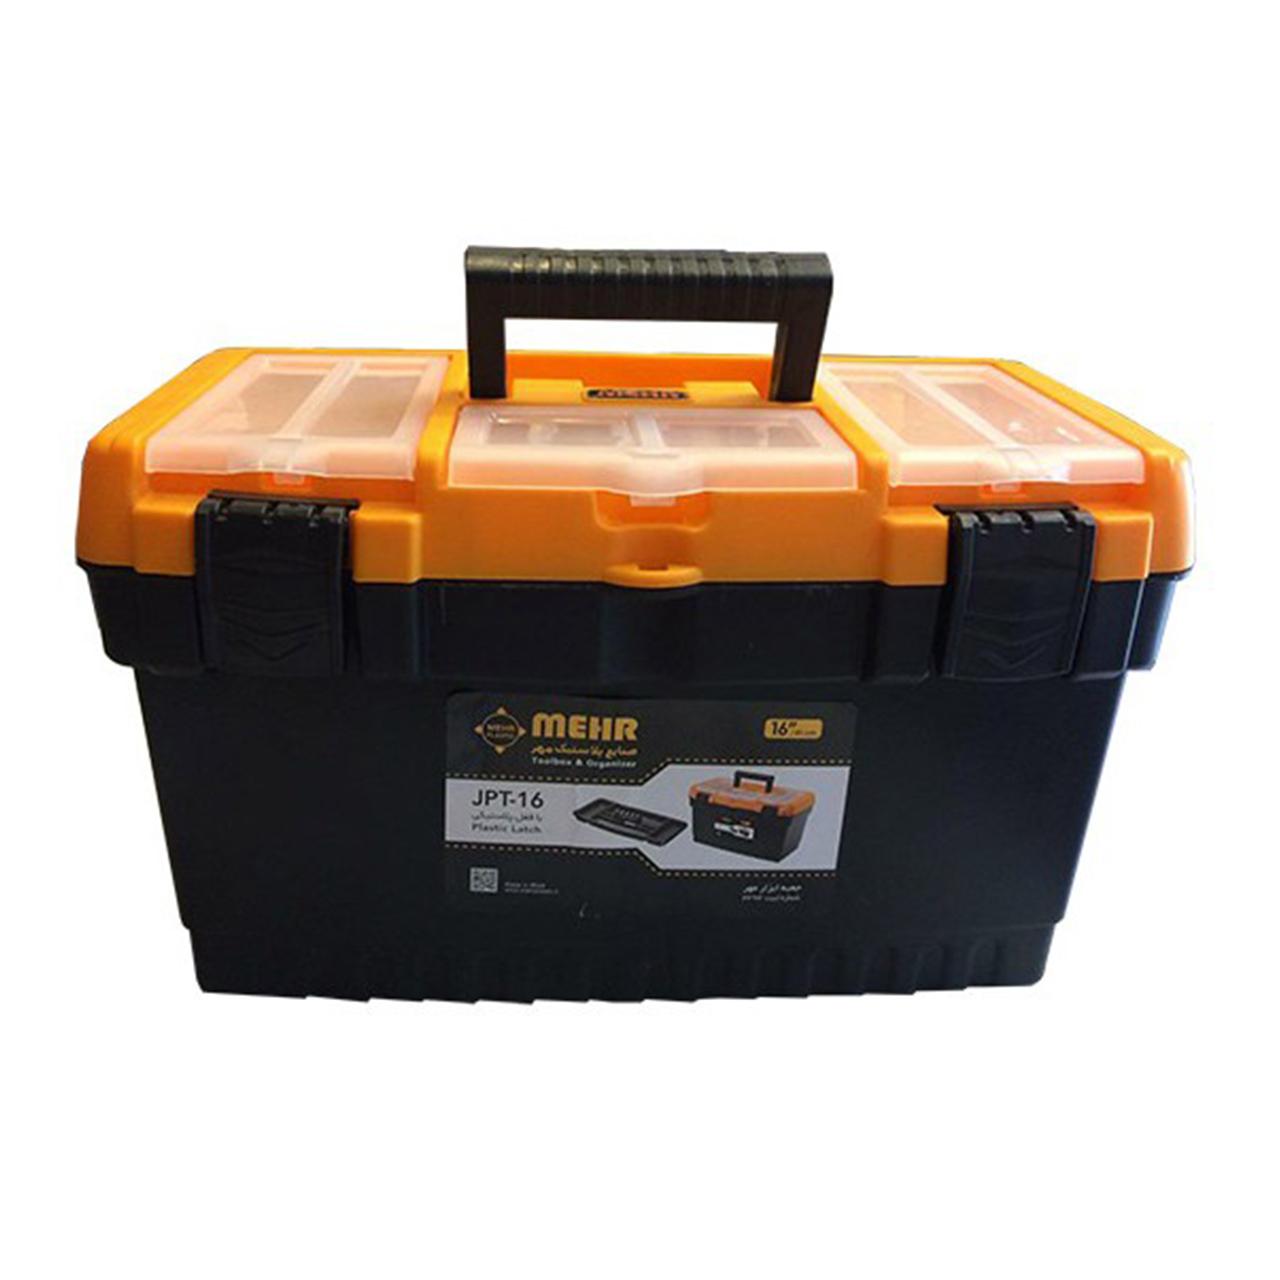 جعبه ابزار مهر مدل JPT-16